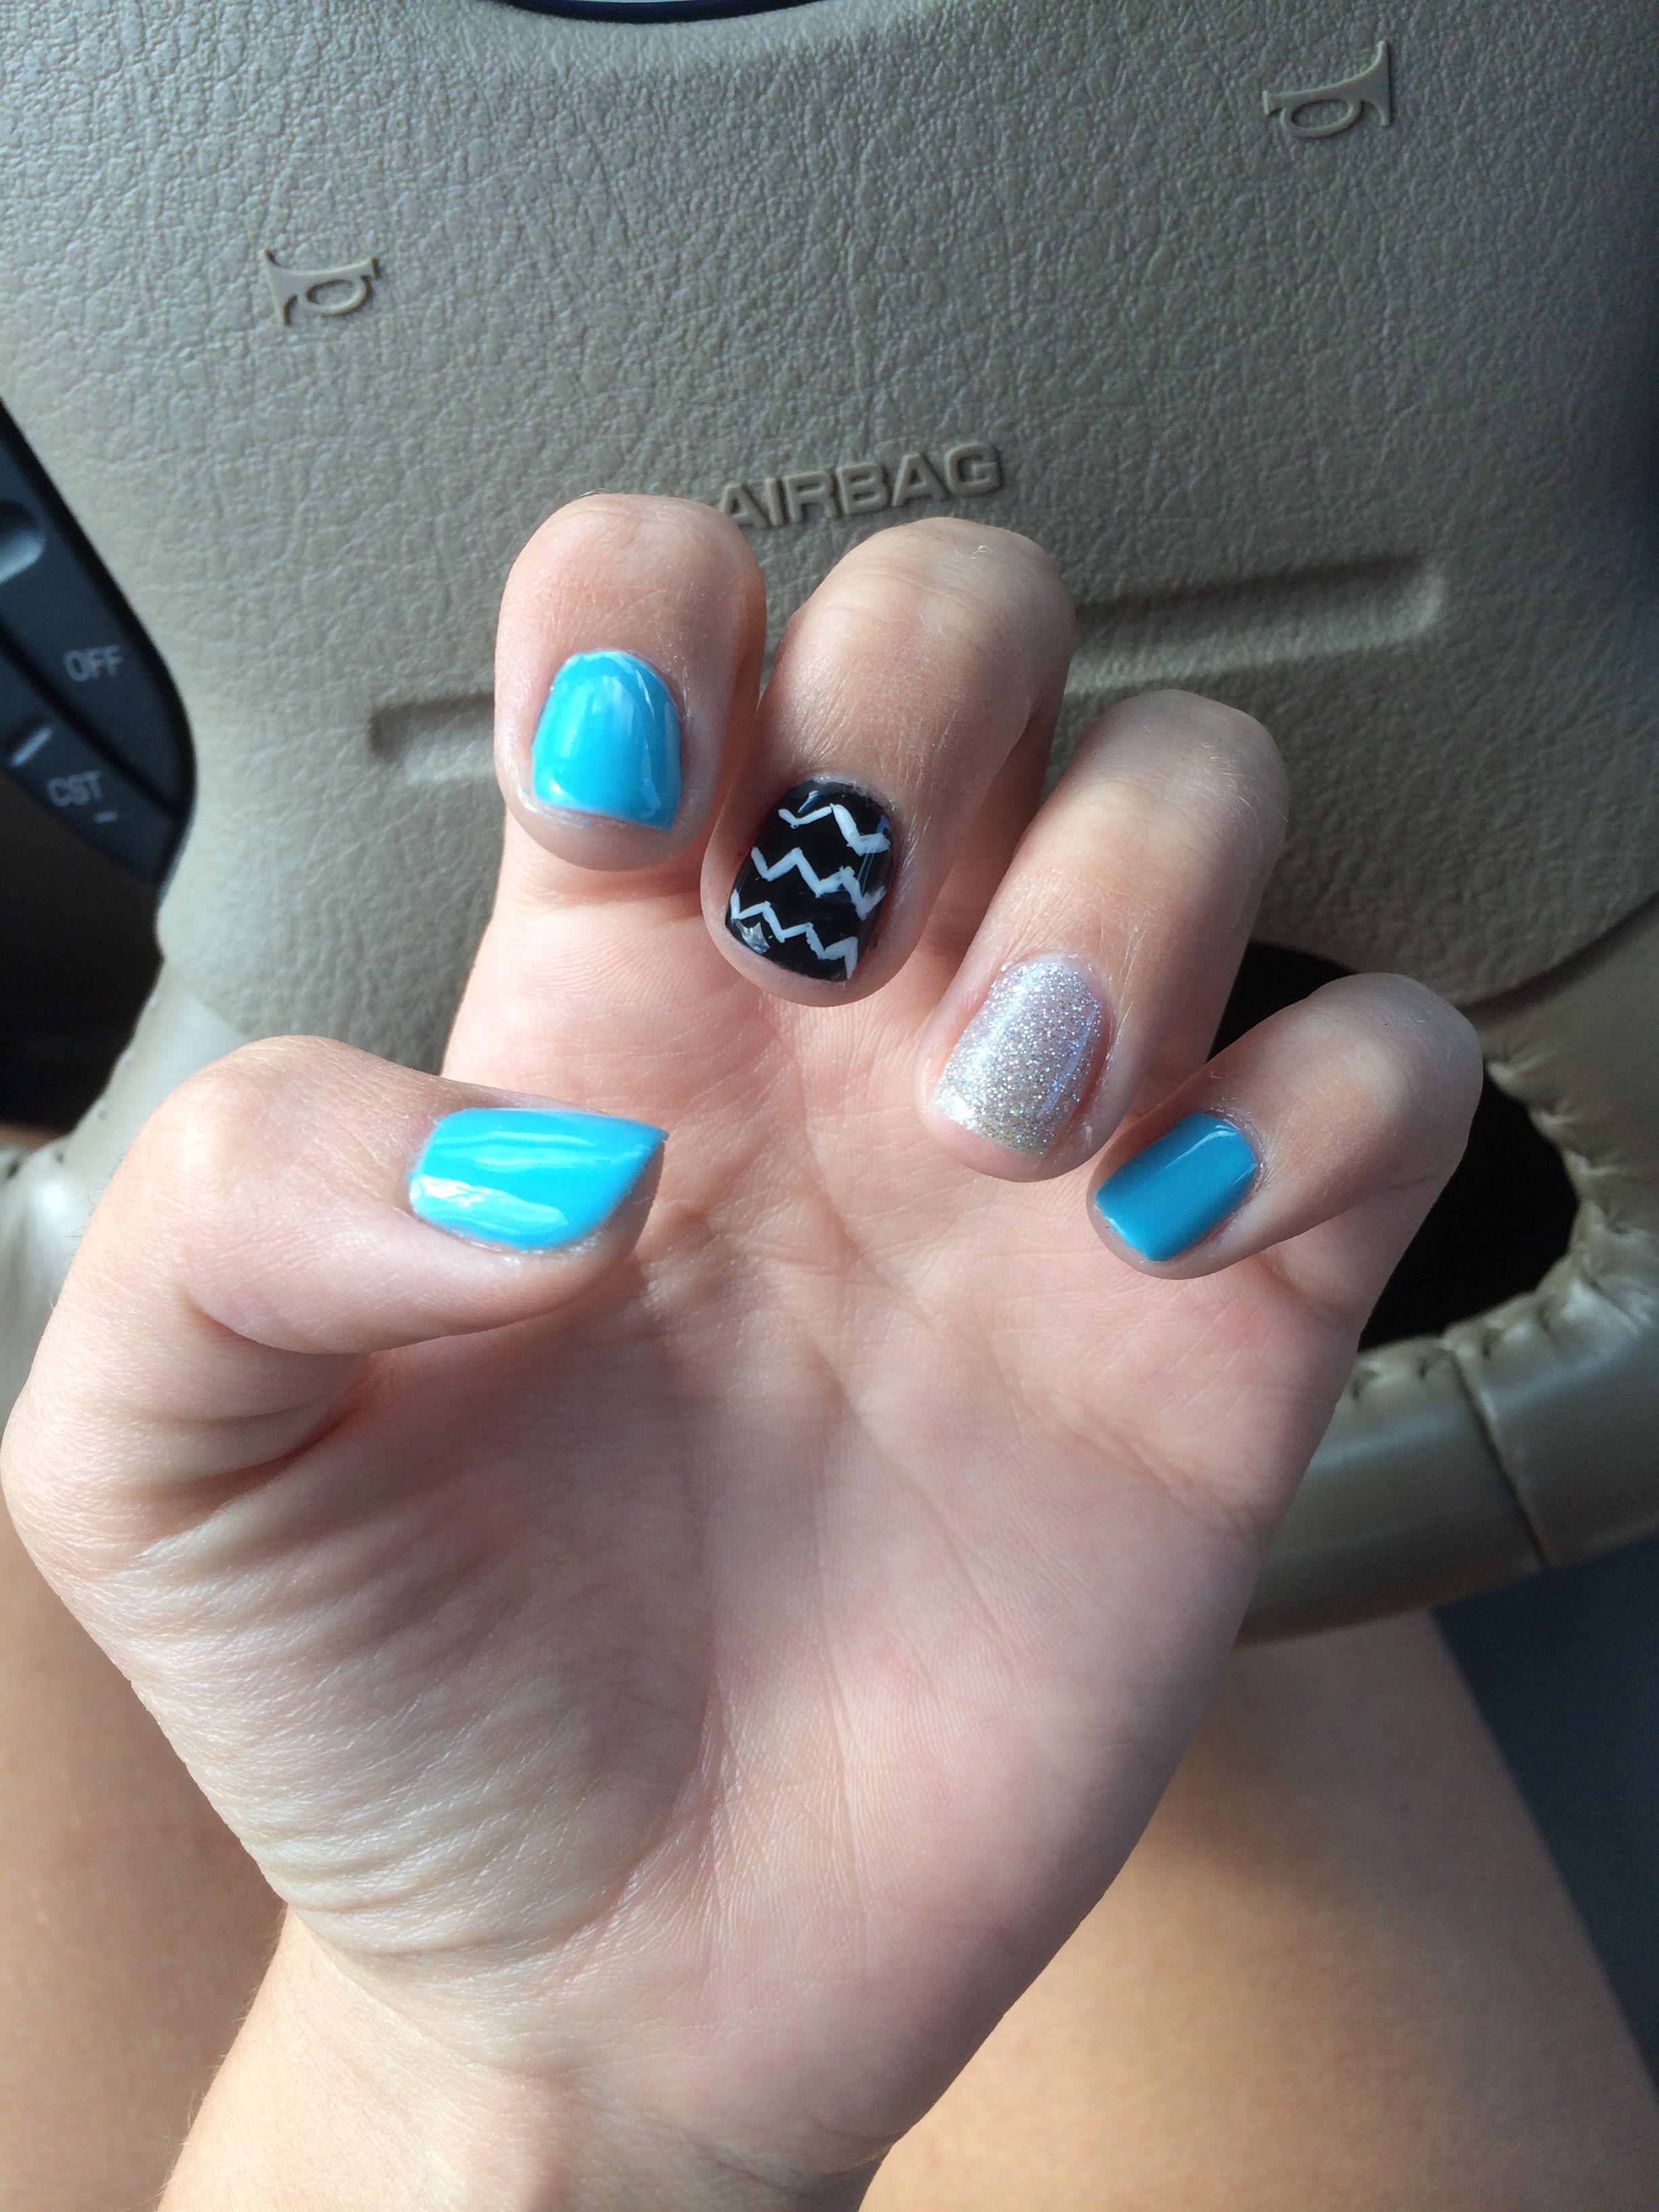 New nails #gel #nails